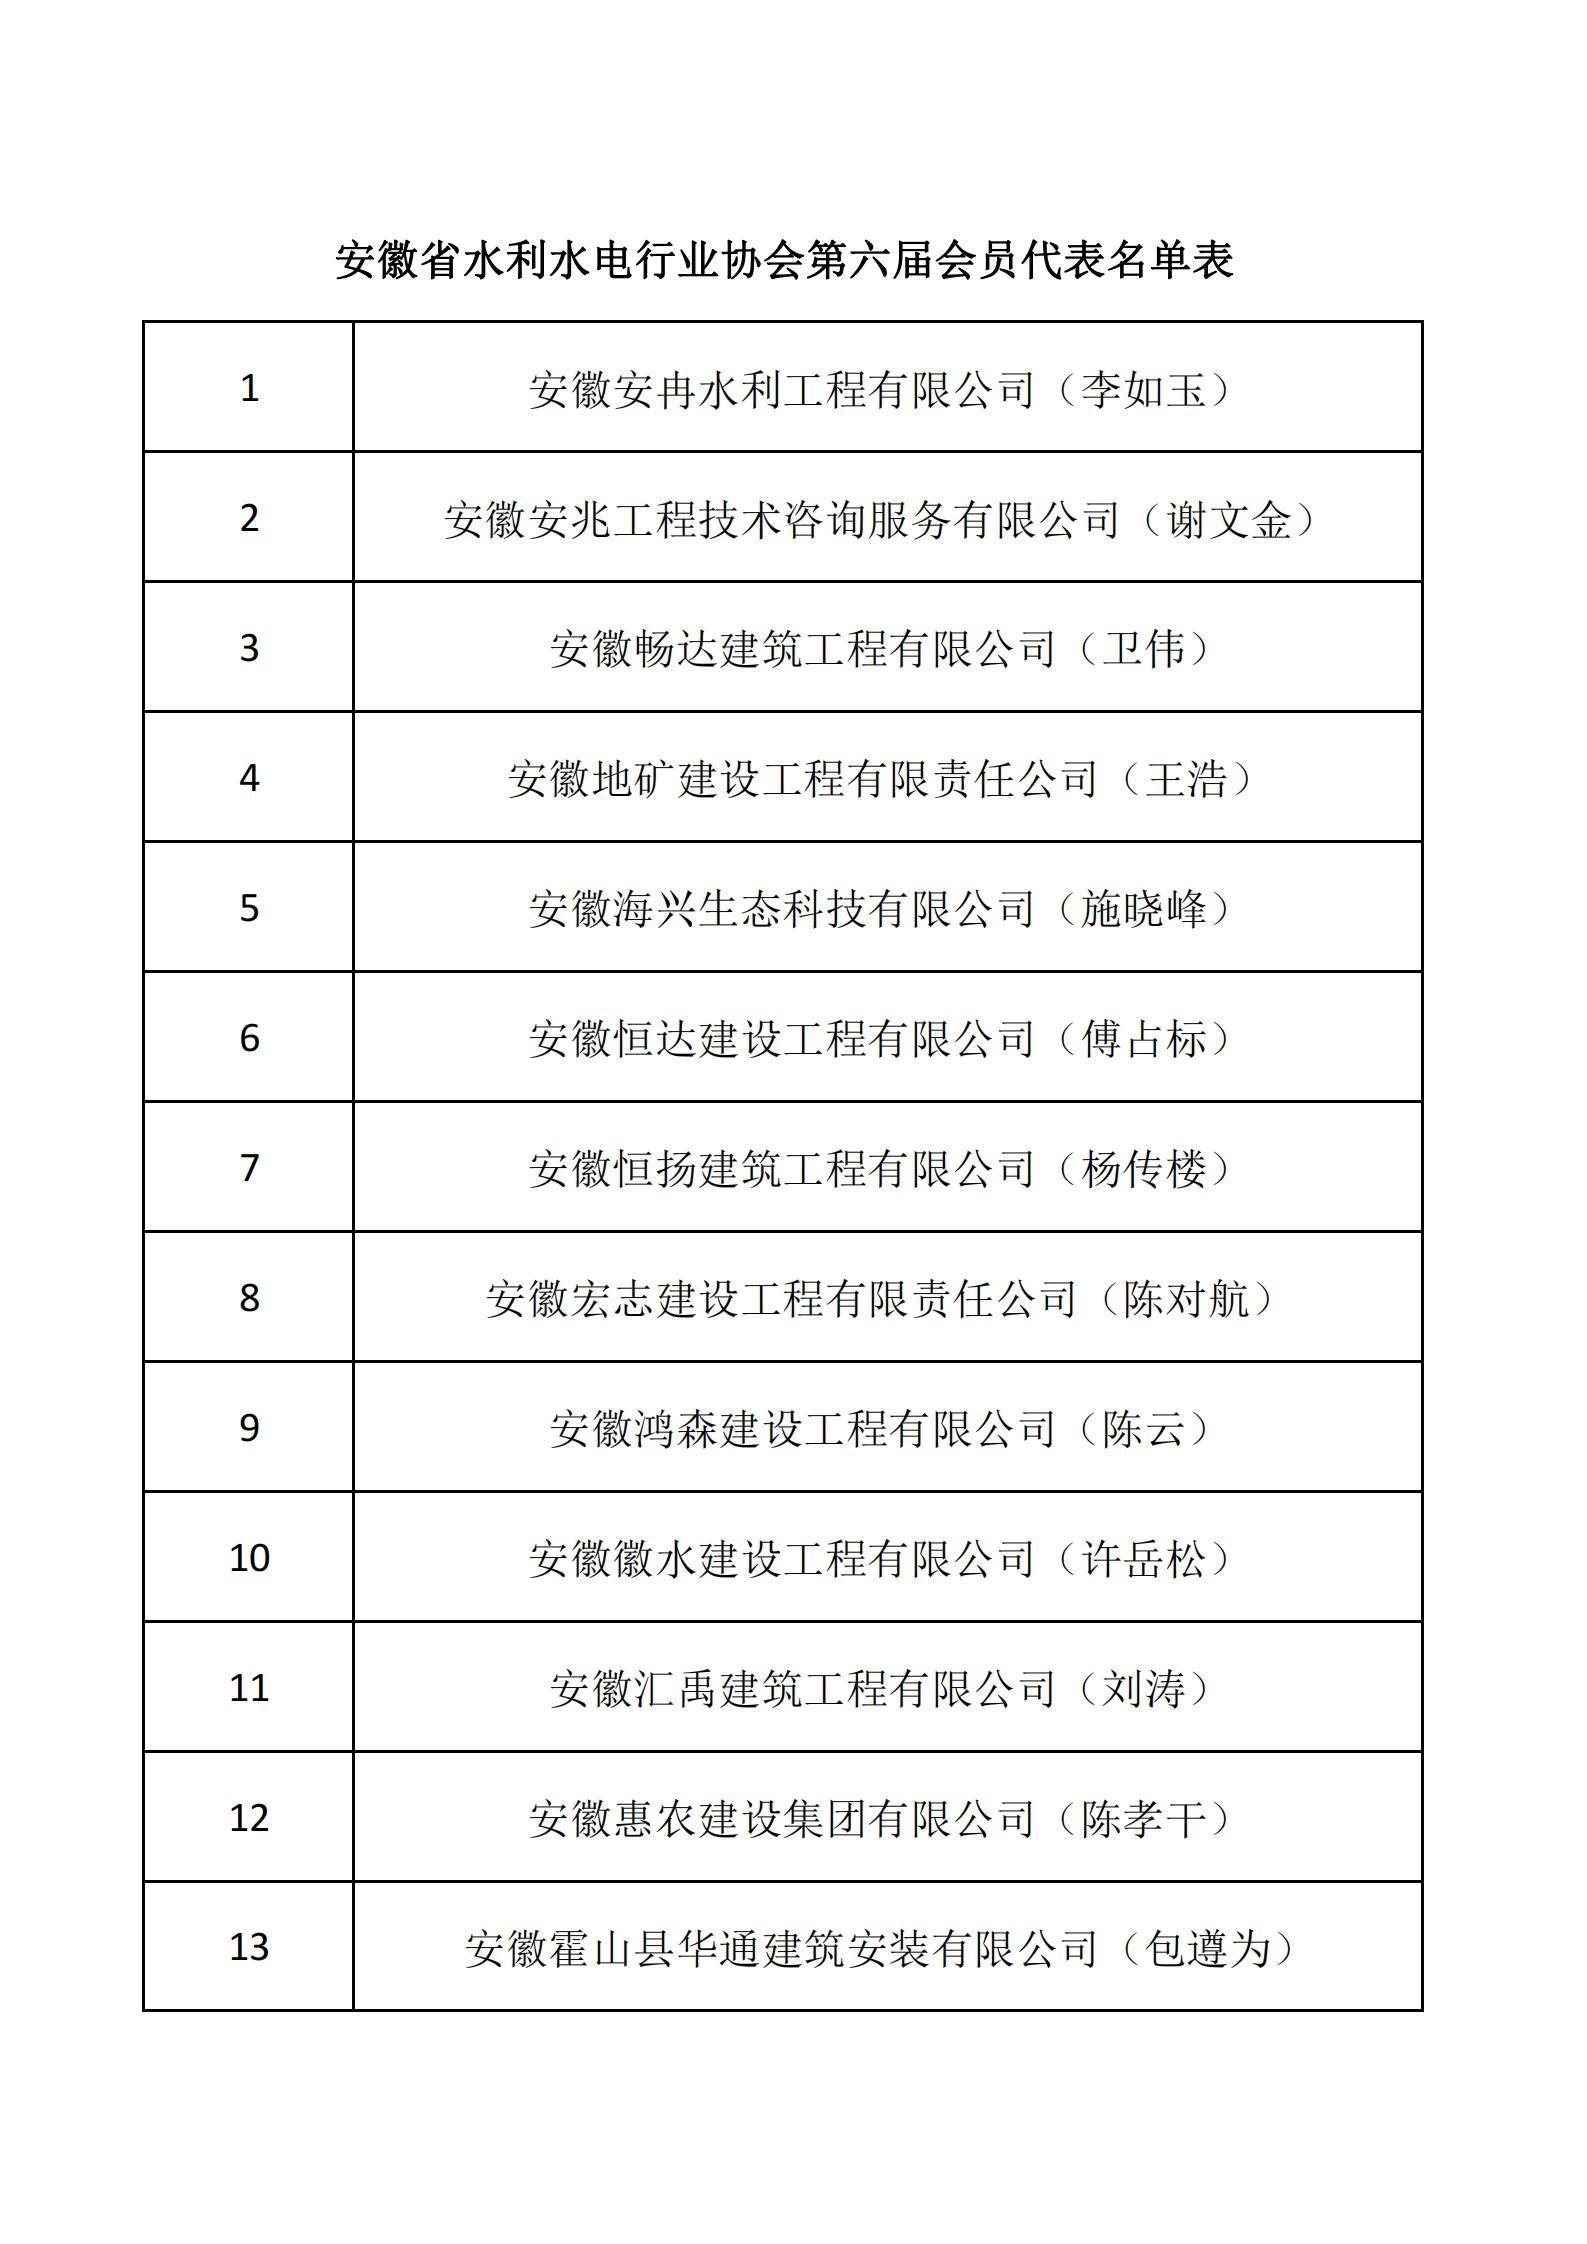 热烈祝贺我单位当选为安徽省水利水电行业协会第六届会员单位(图2)